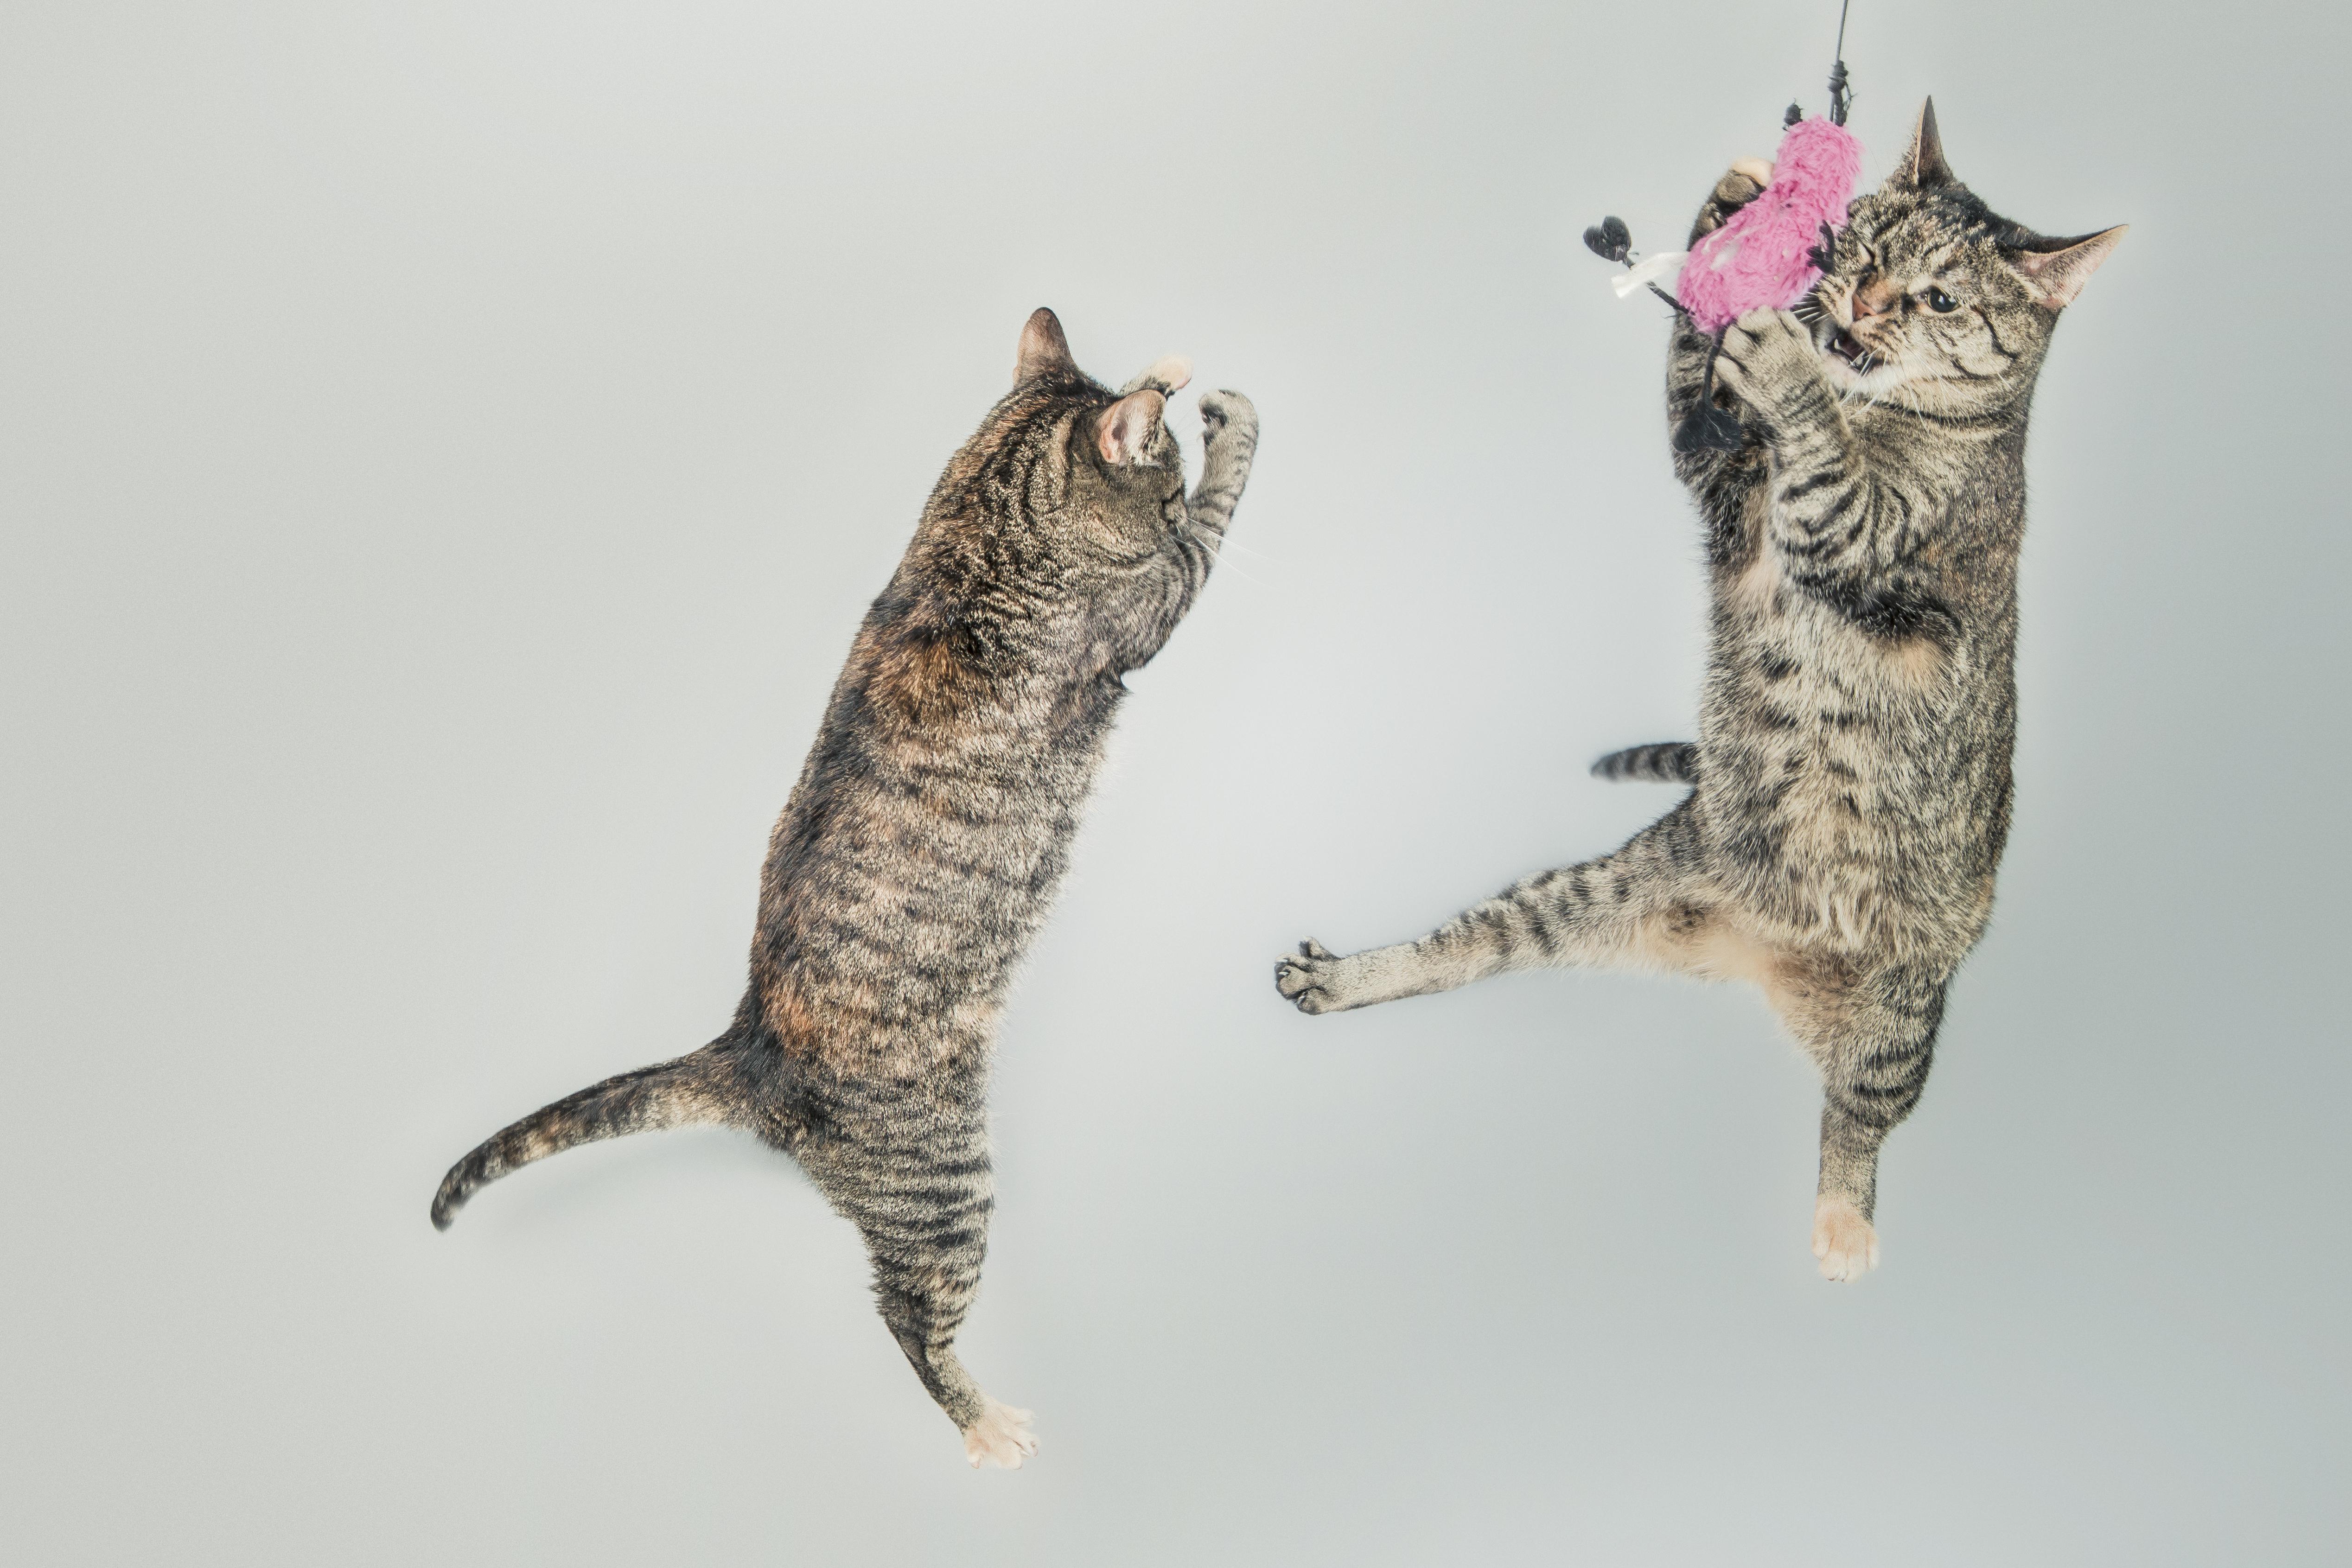 cat dancing wallpapers hd